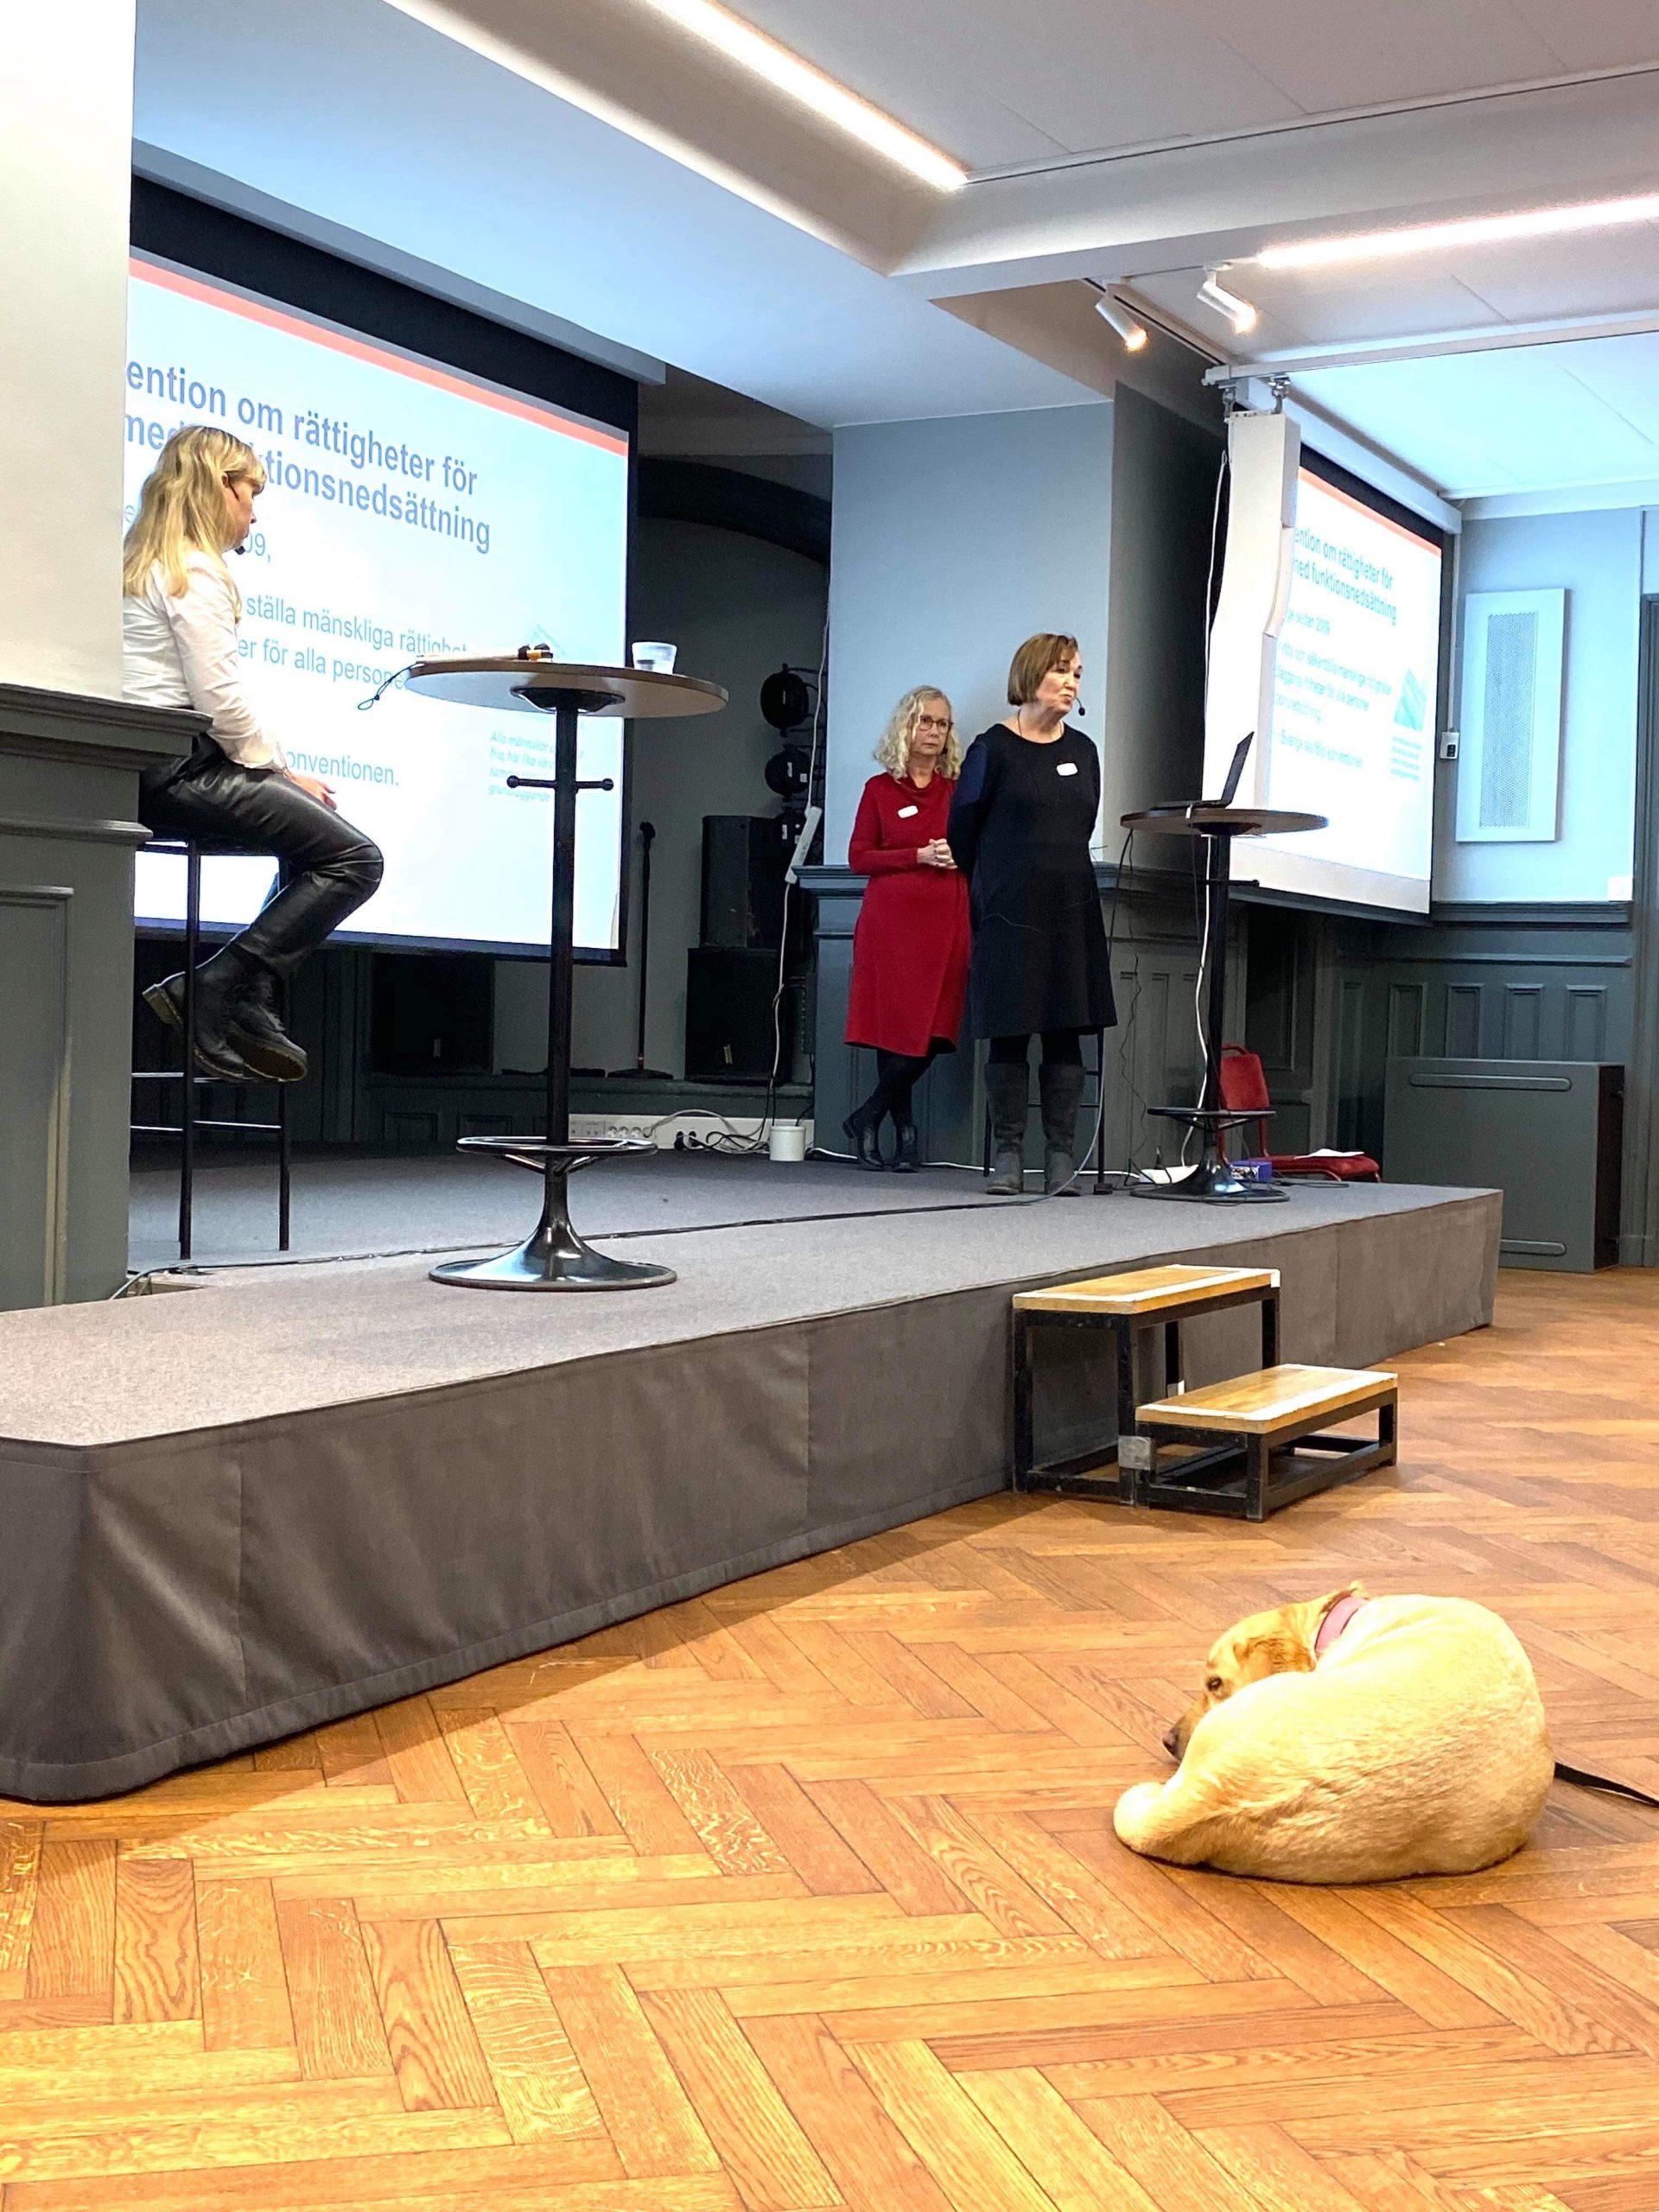 Jag sittandes vid ett ståbord på en scen med två talare ståendes vid ett ståbord på en scen. I bakgrunden syns två projektordukar med text.